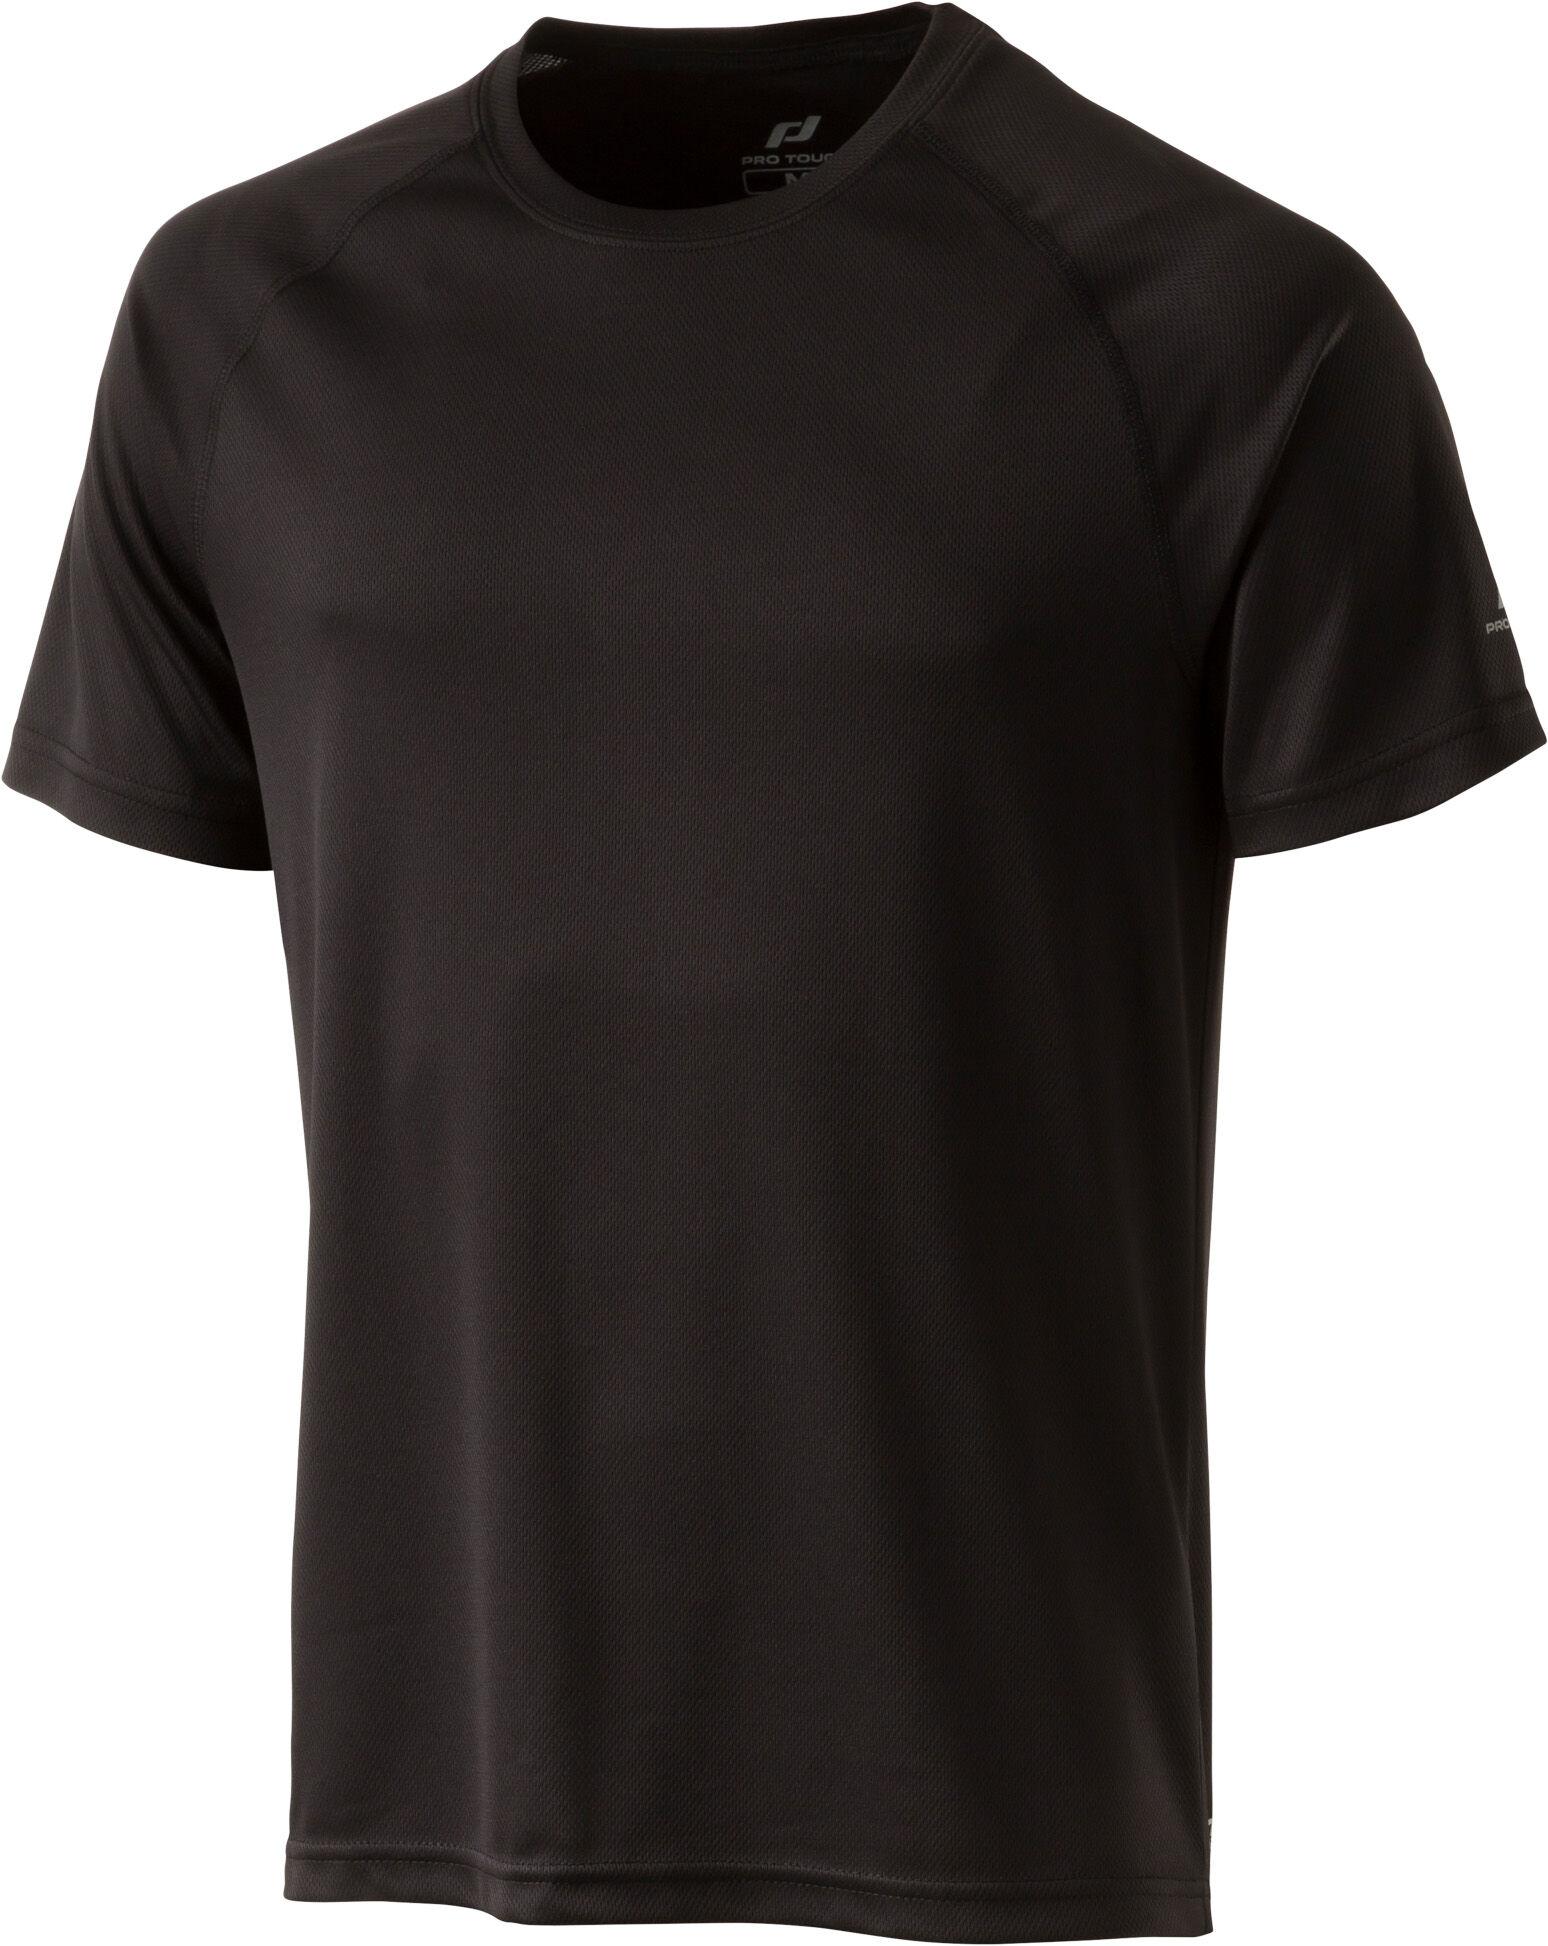 Pro Dry teknisk T skjorte, herre, hvit, XL Pro Dry teknisk